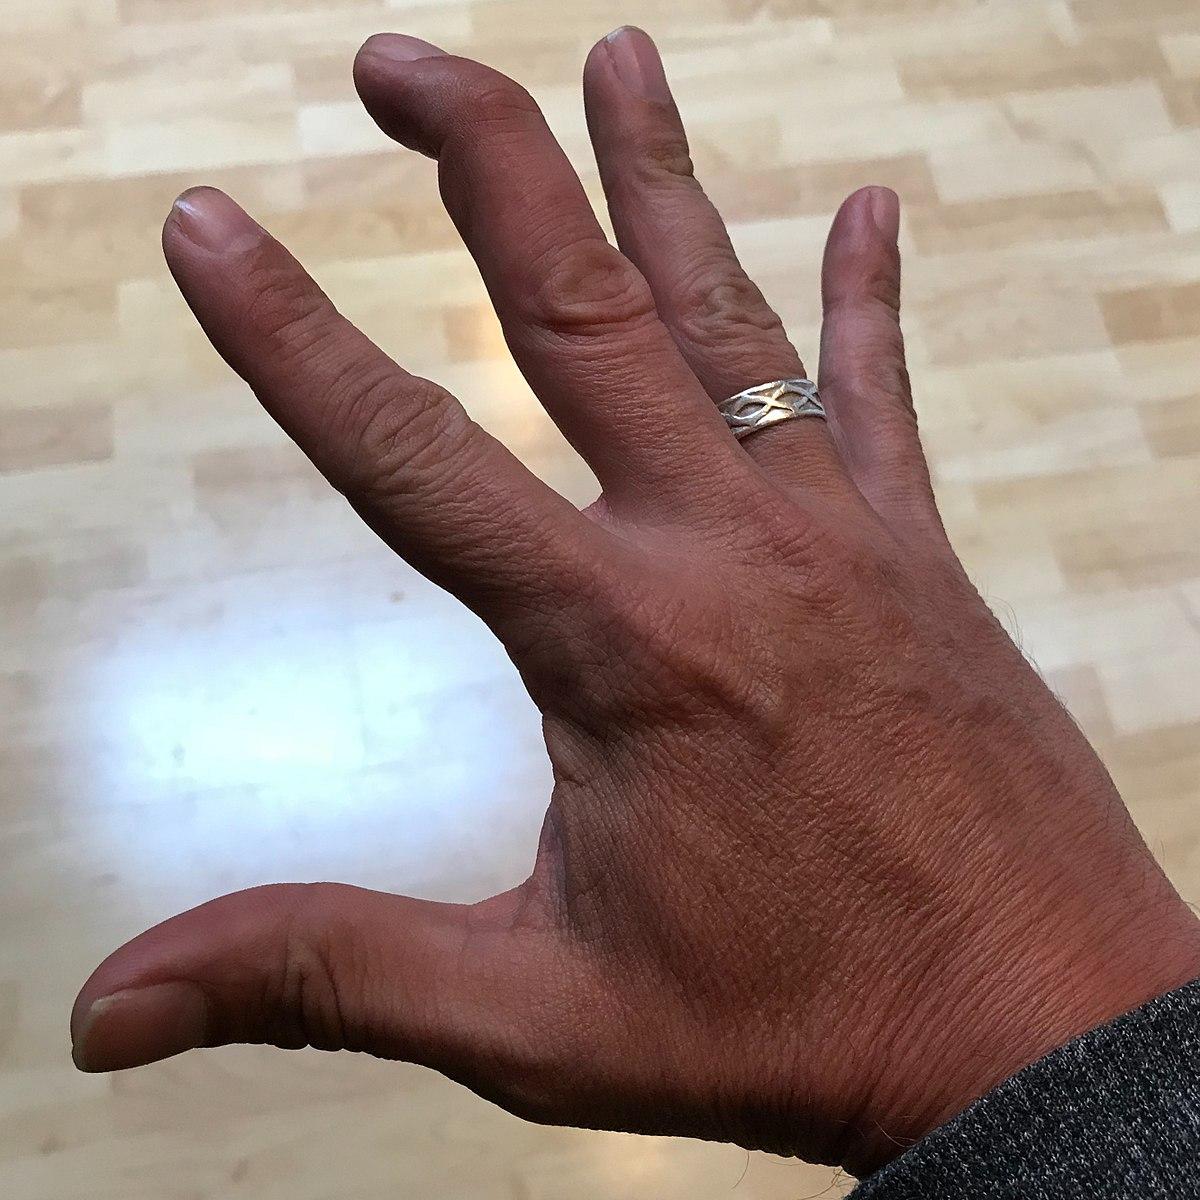 Mallet finger - Wikipedia